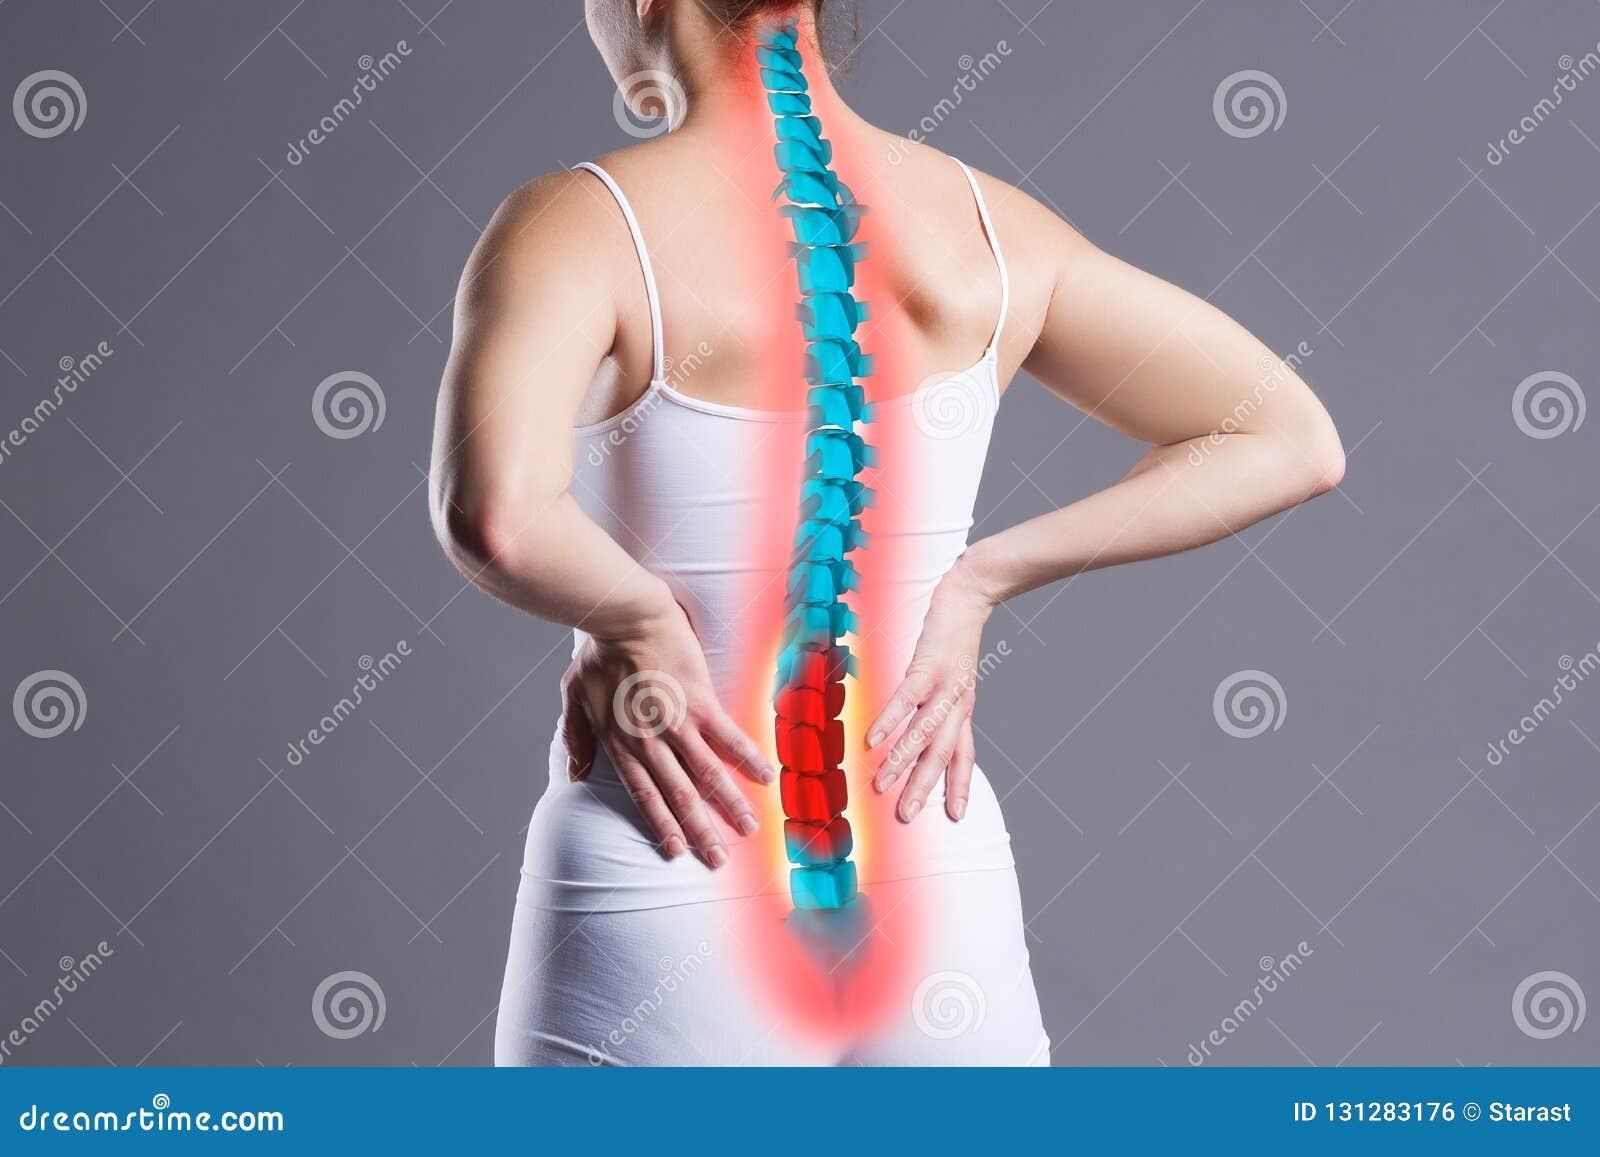 Dor na espinha, mulher com dor lombar no fundo cinzento, lesão dorsal